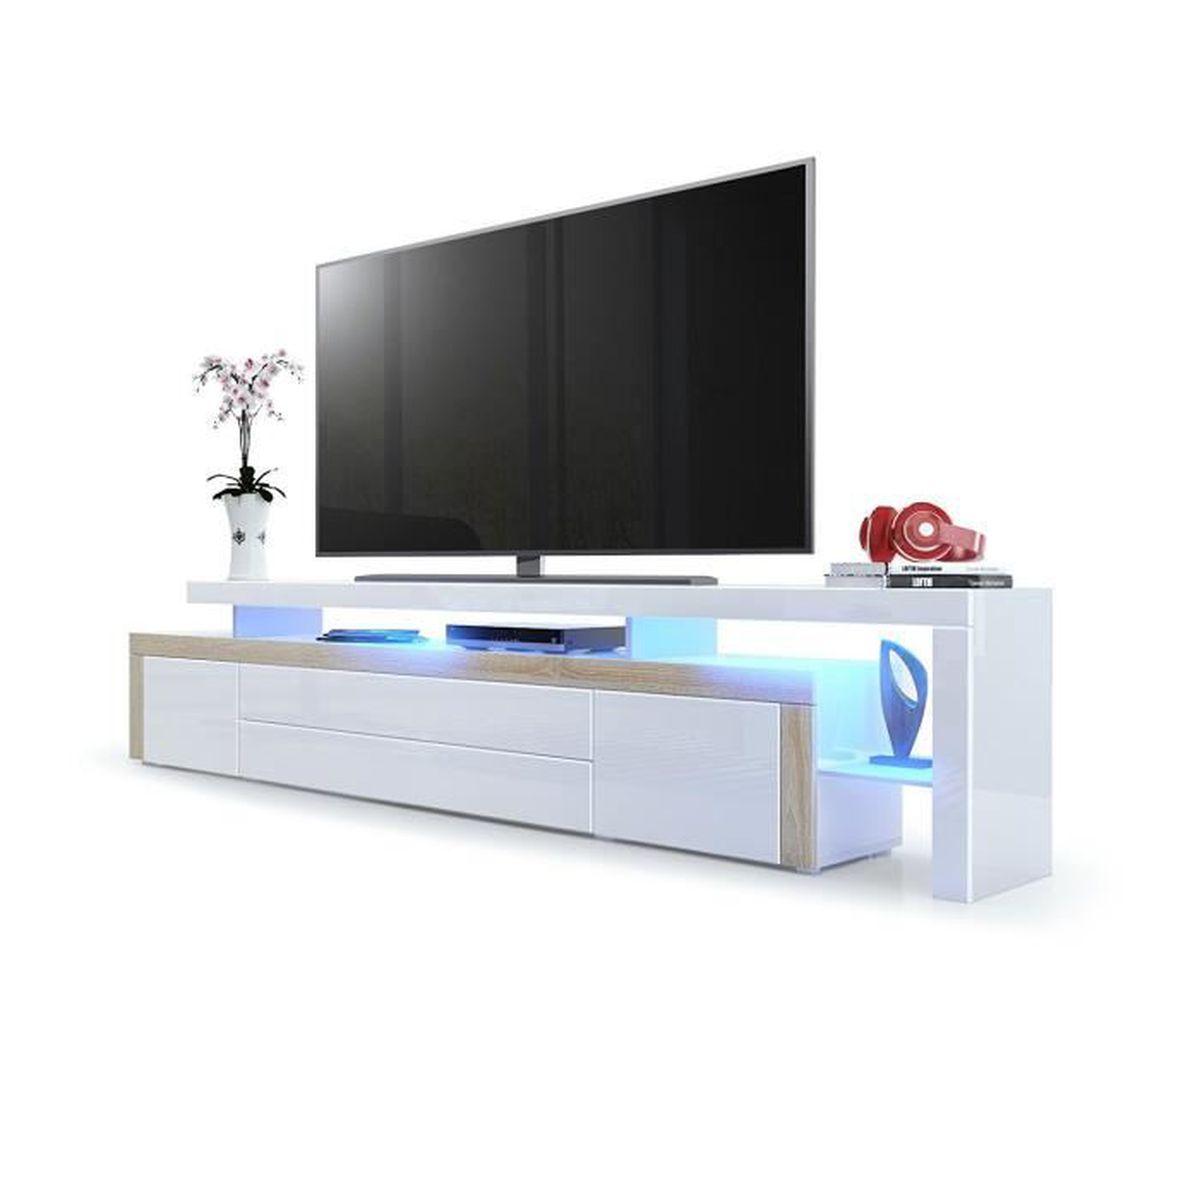 Meuble tv Chªne brut Blanc laqué 227 cm avec led Achat Vente